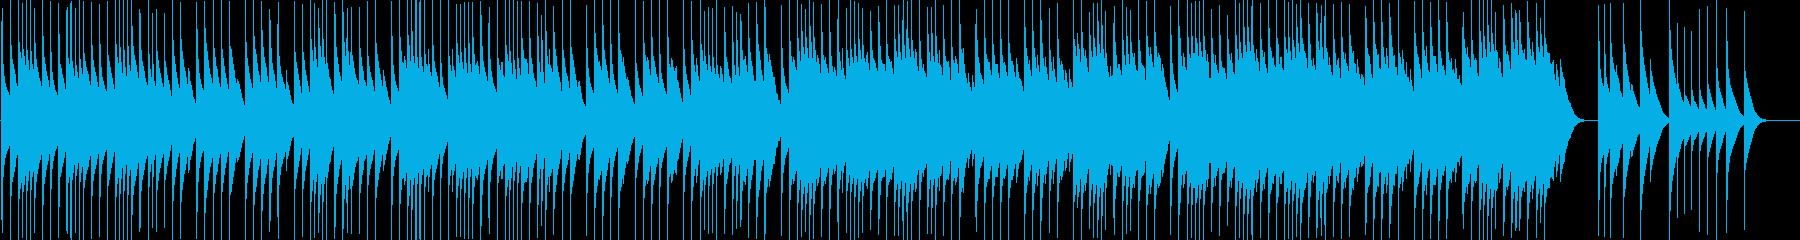 【オルゴール】クリスマス曲We wishの再生済みの波形